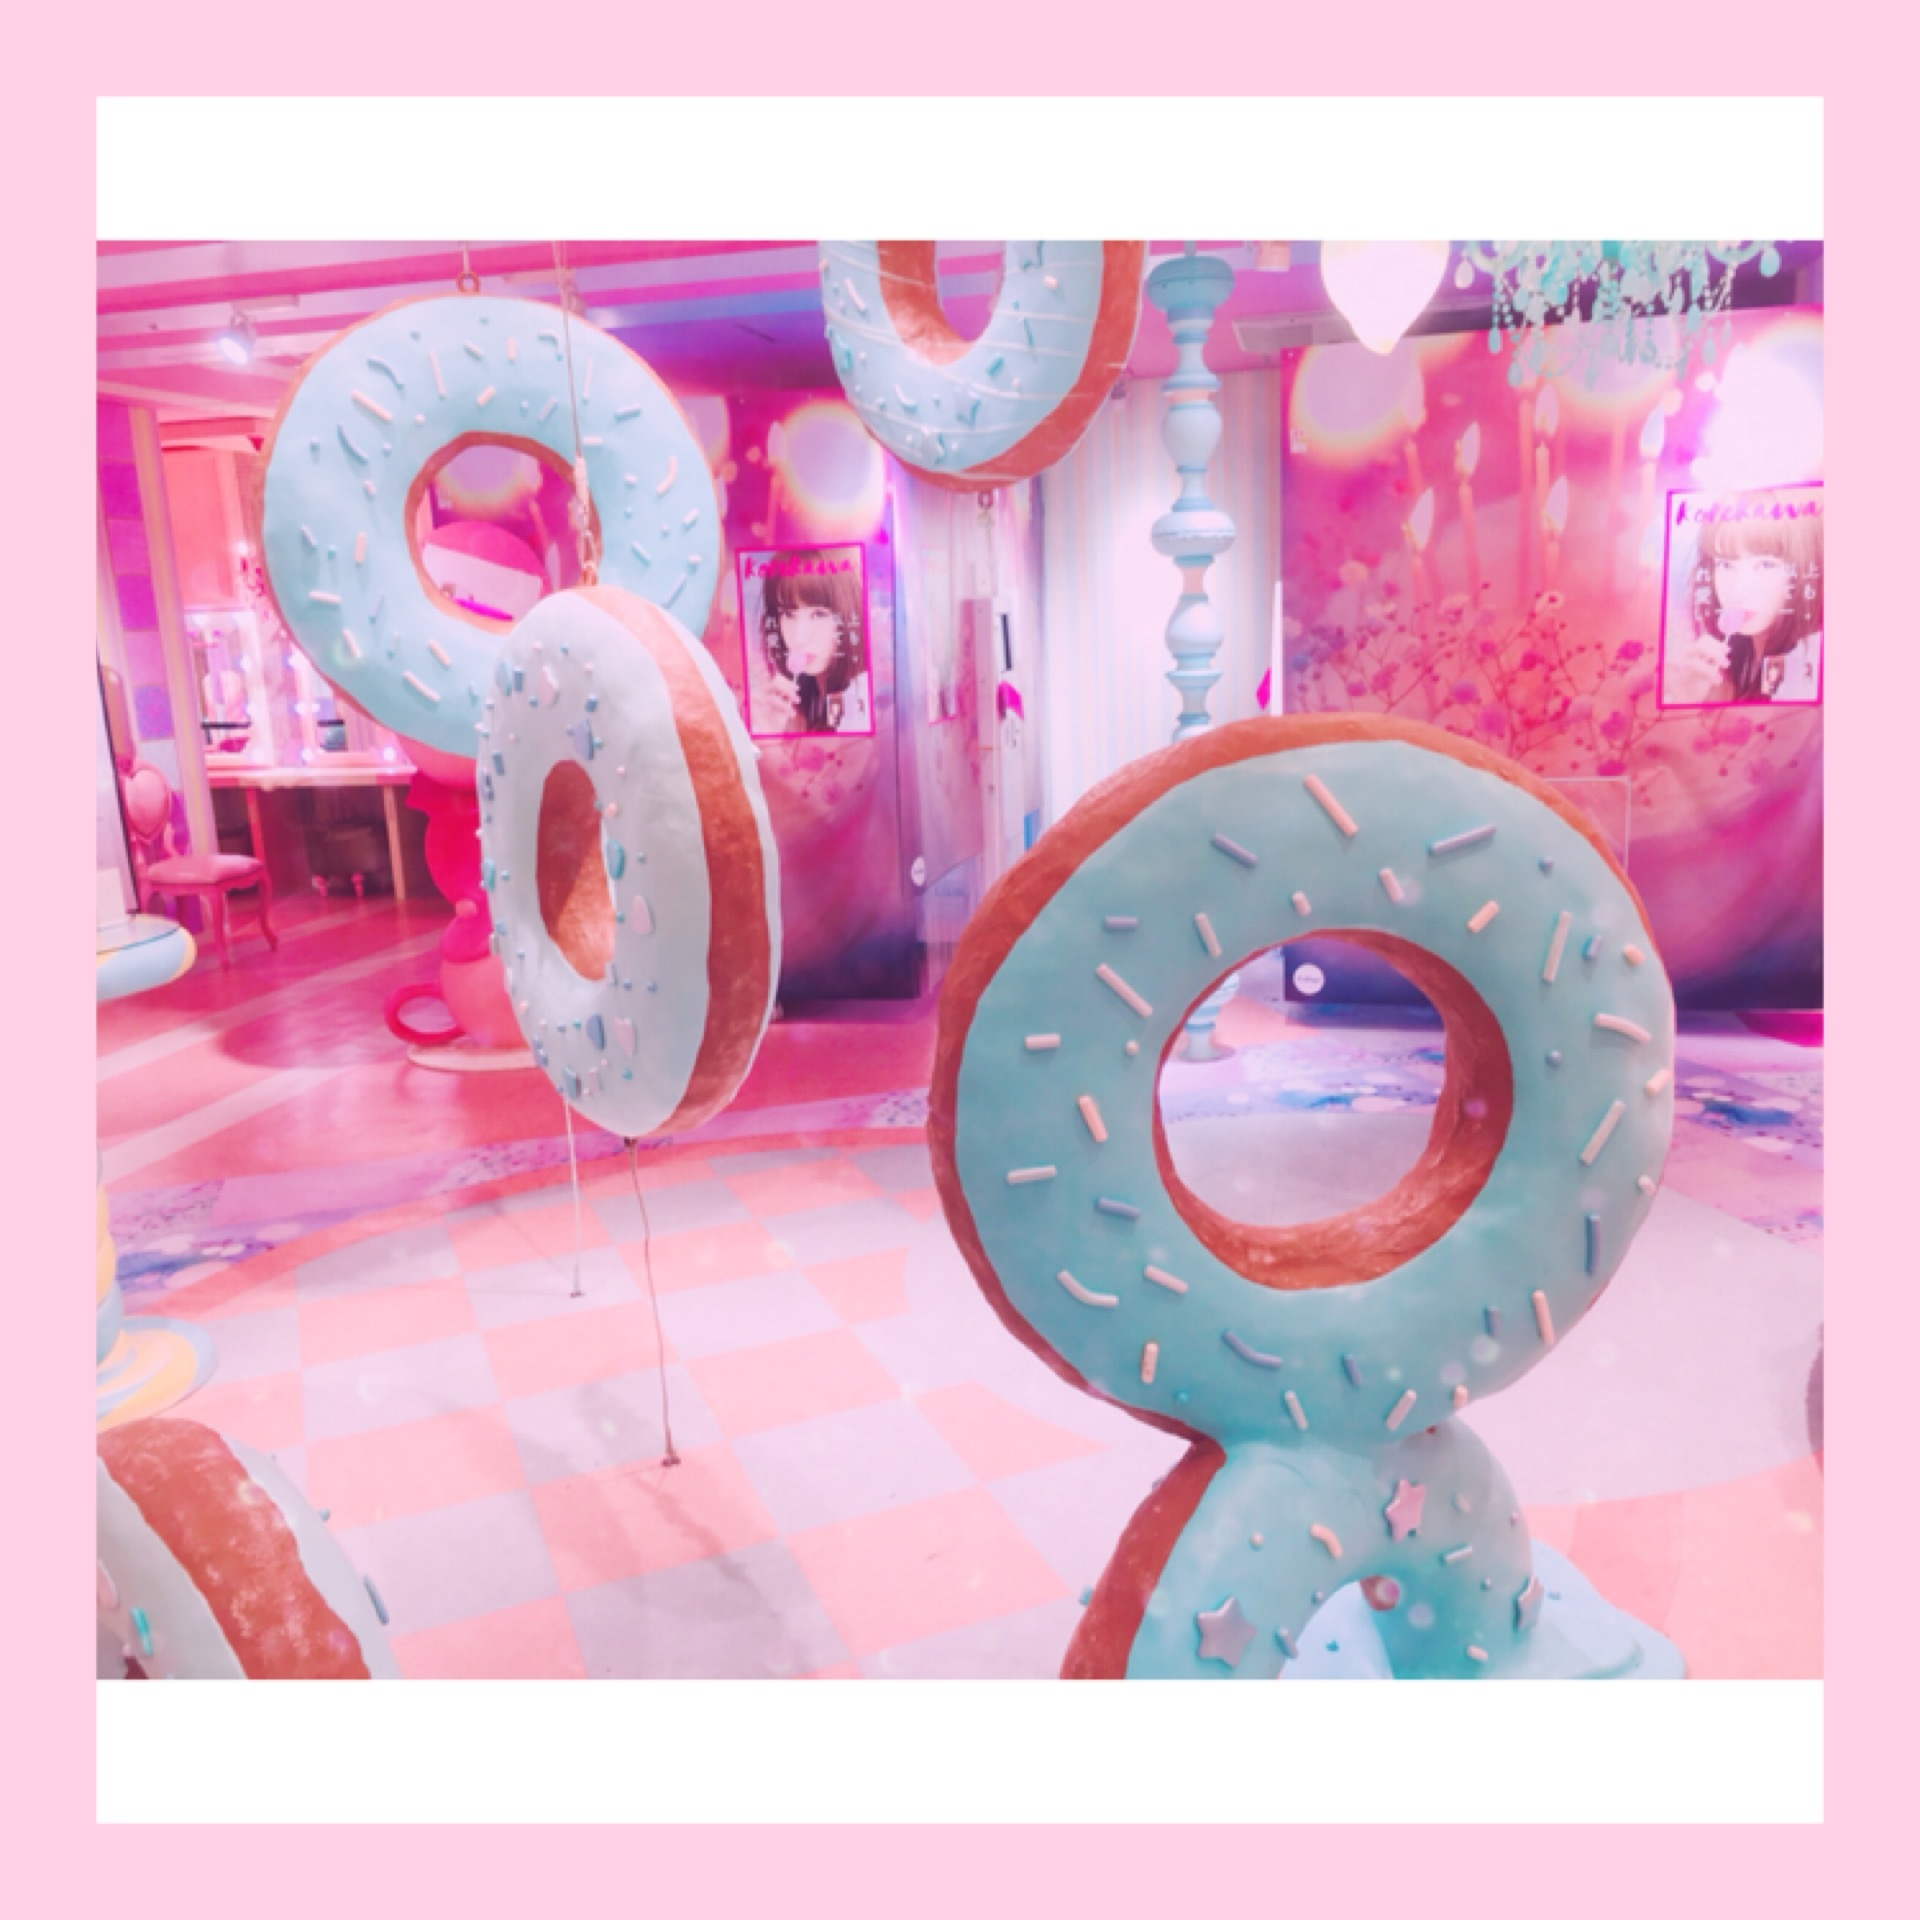 インスタ映え!『世界一かわいいプリクラ専門店』♡_1_3